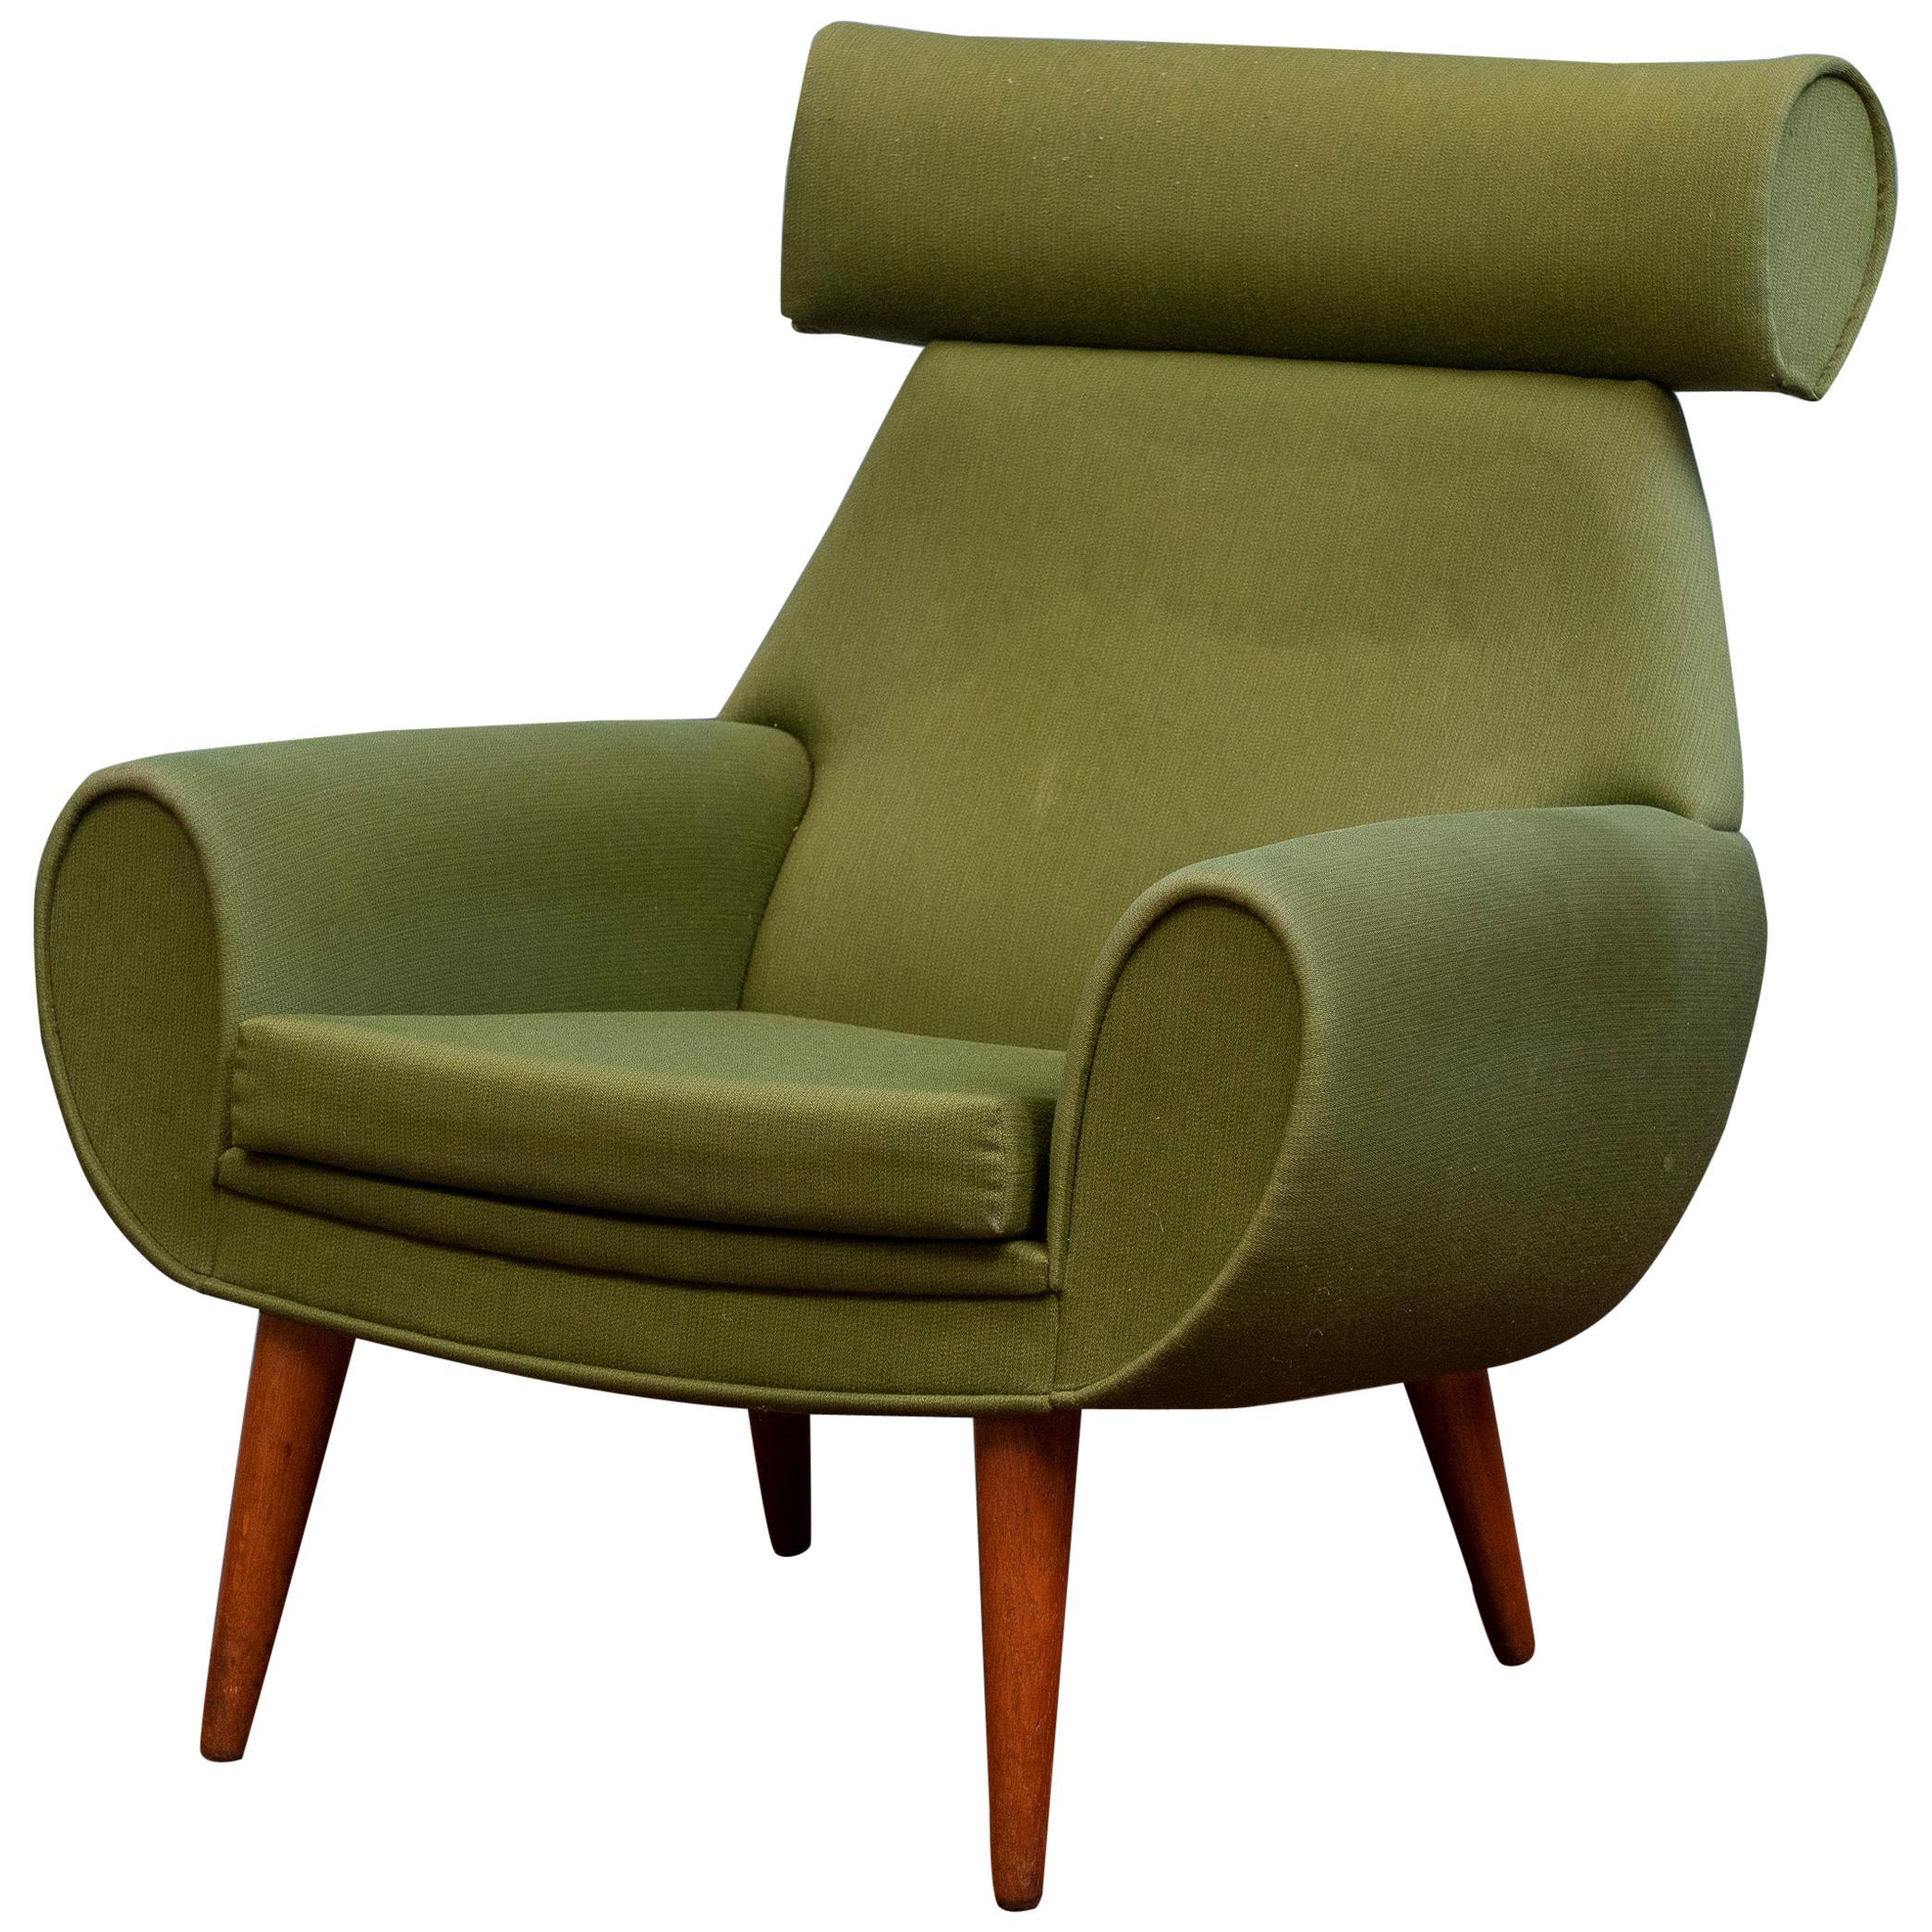 Scandinavian Modern Lounge Chair by Kurt Ostervig